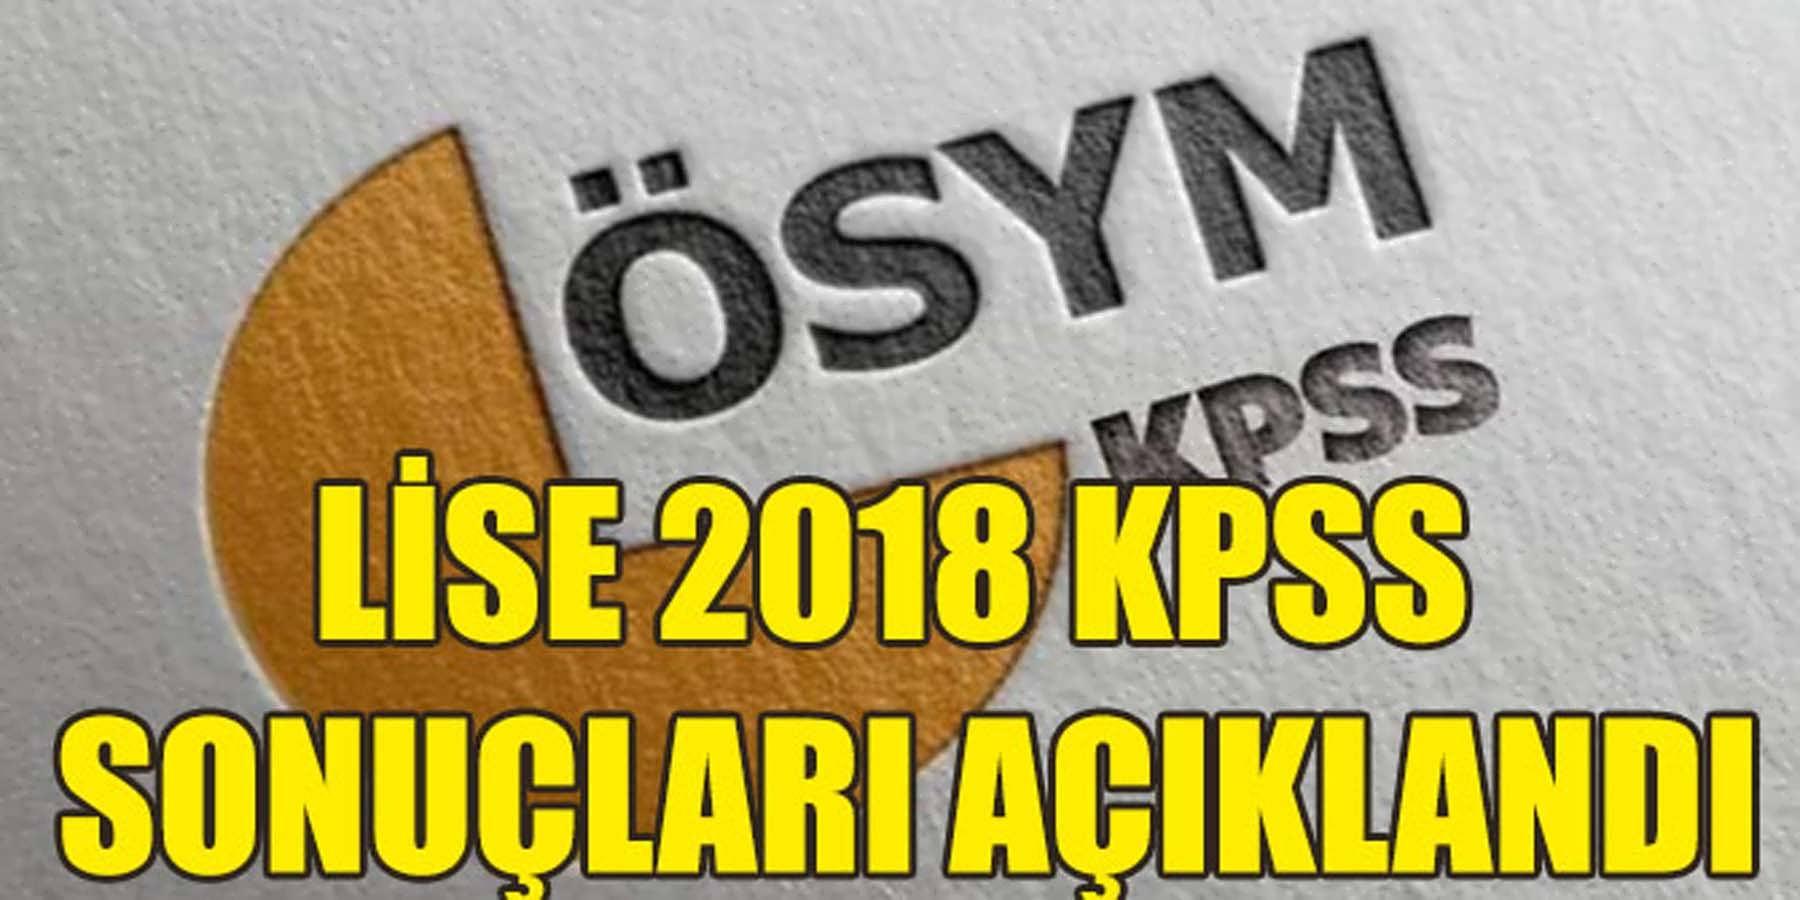 KPSS 2018 Lise Sonuçları Açıklanması Gün İçerisinde Bekleniyor